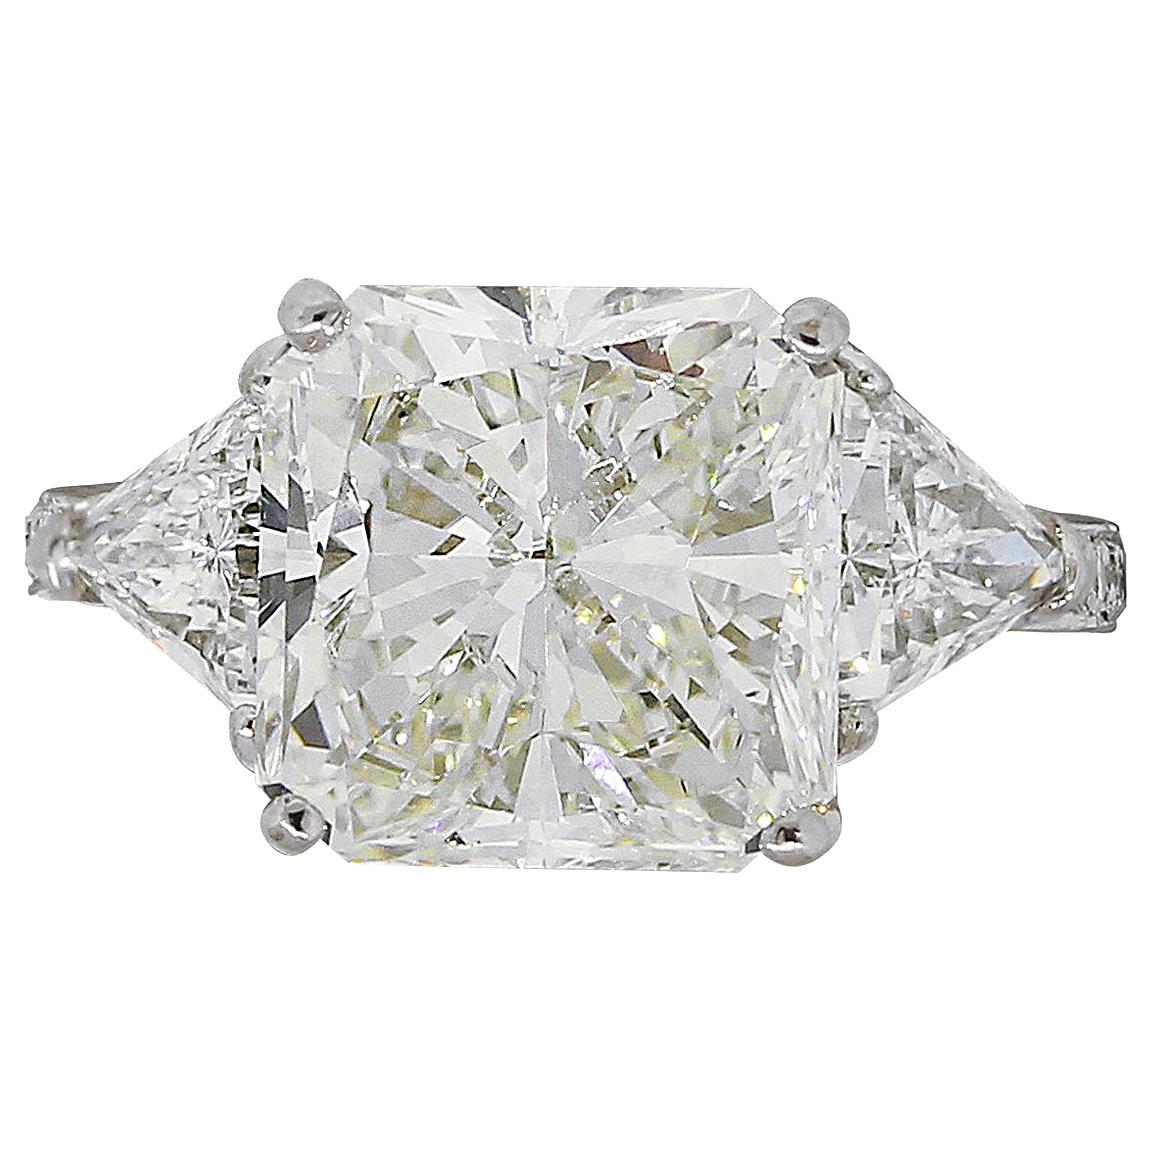 GIA Certified 5.03 Carat Diamond Engagement Ring